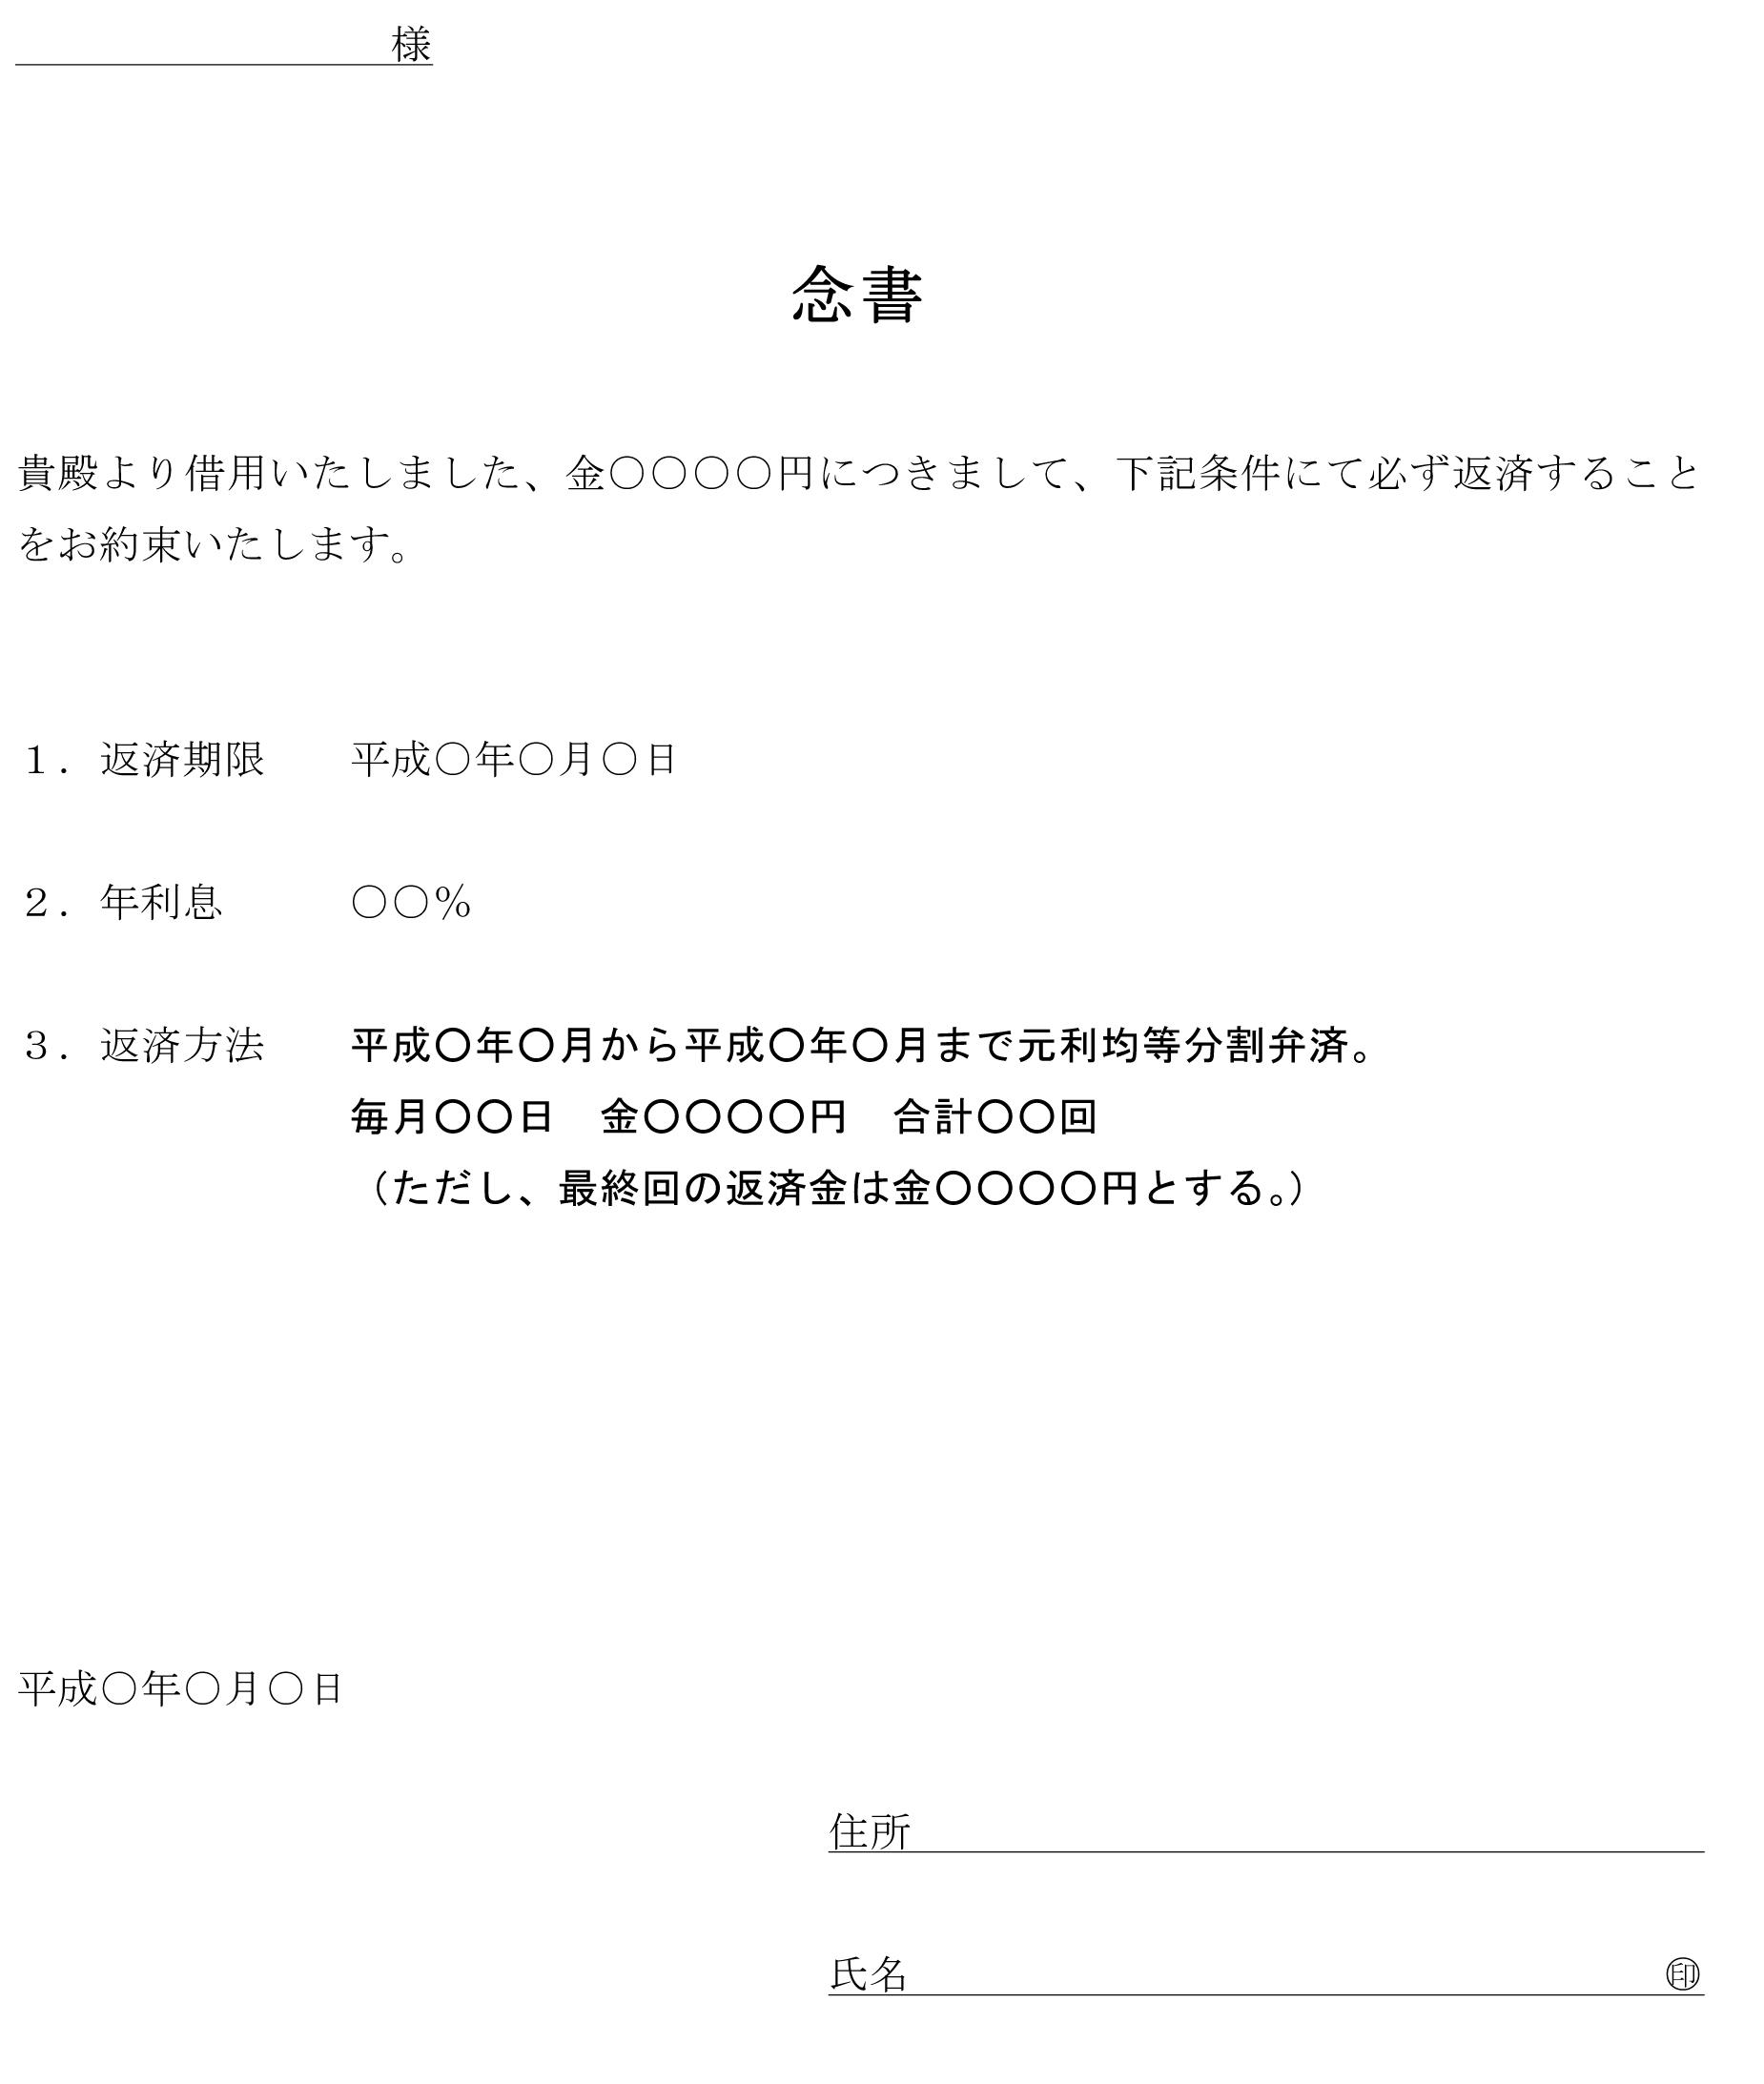 念書(金銭の貸し借り)